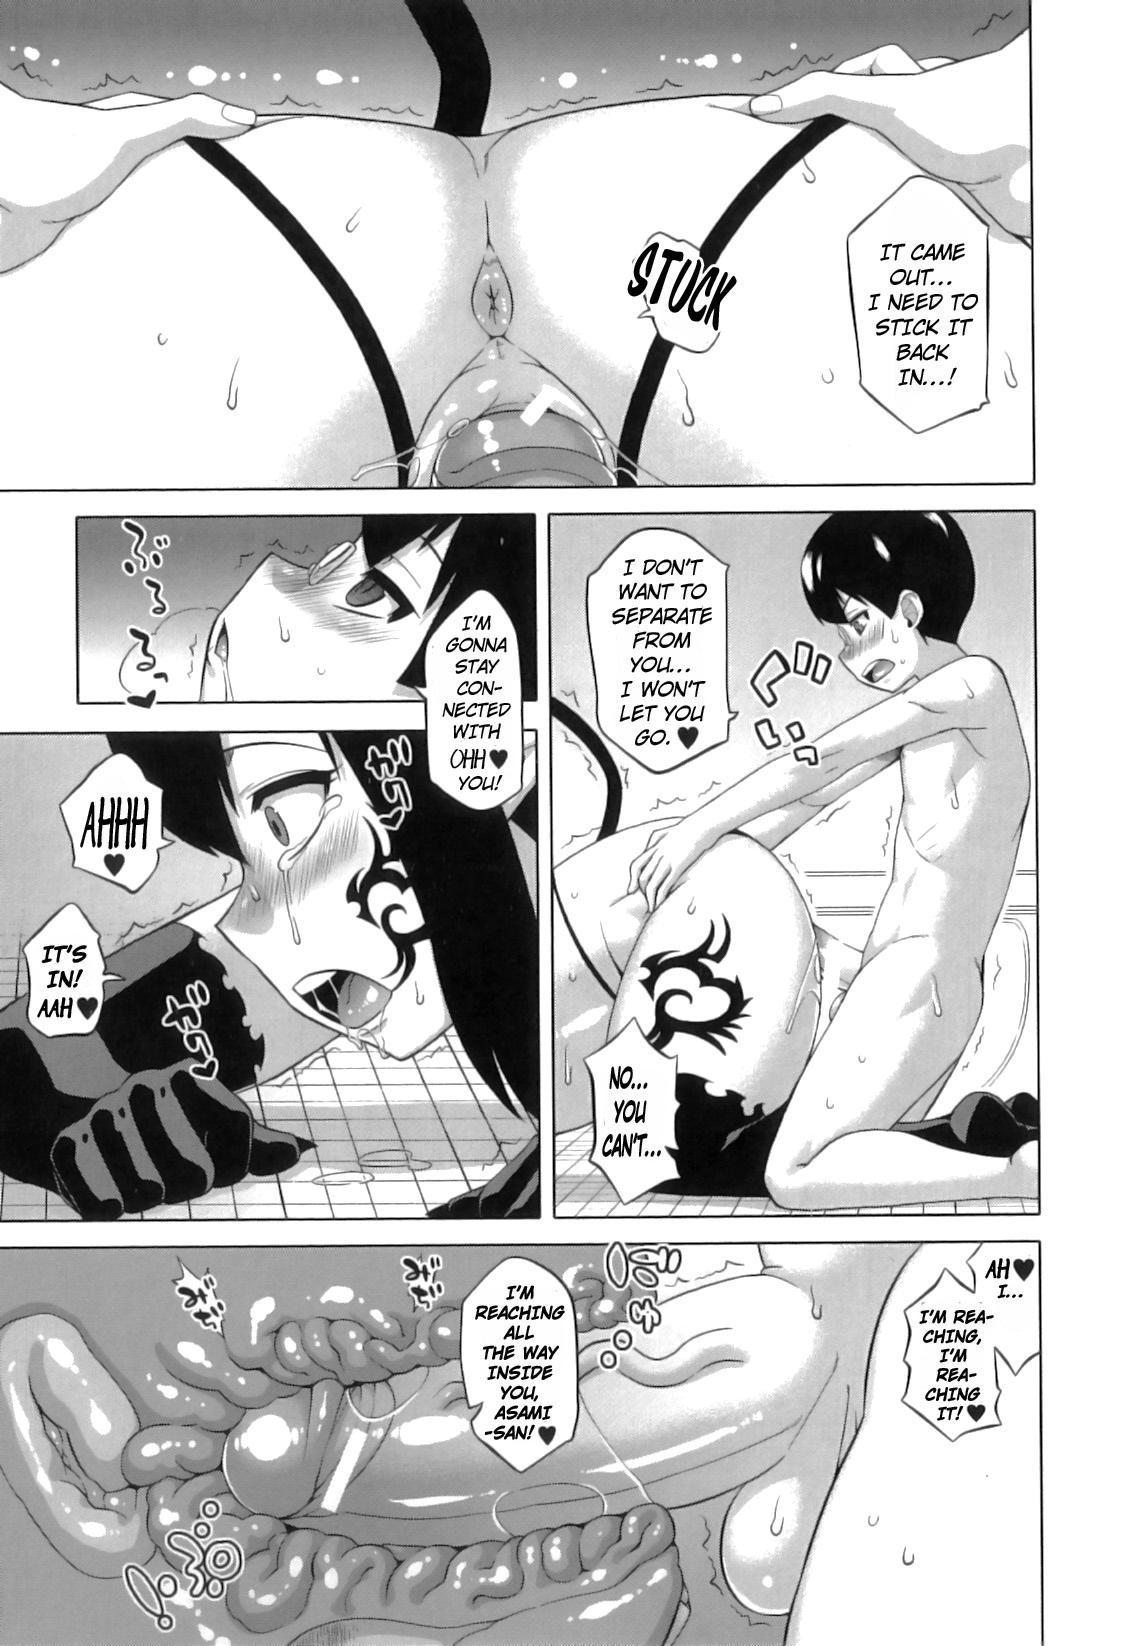 [Takatsu] DH! ~Himorogi Hyaku Yome Gatari~ | Demon-Hentai! - Shrine of One Hundred Wives [English] {doujin-moe.us} 158